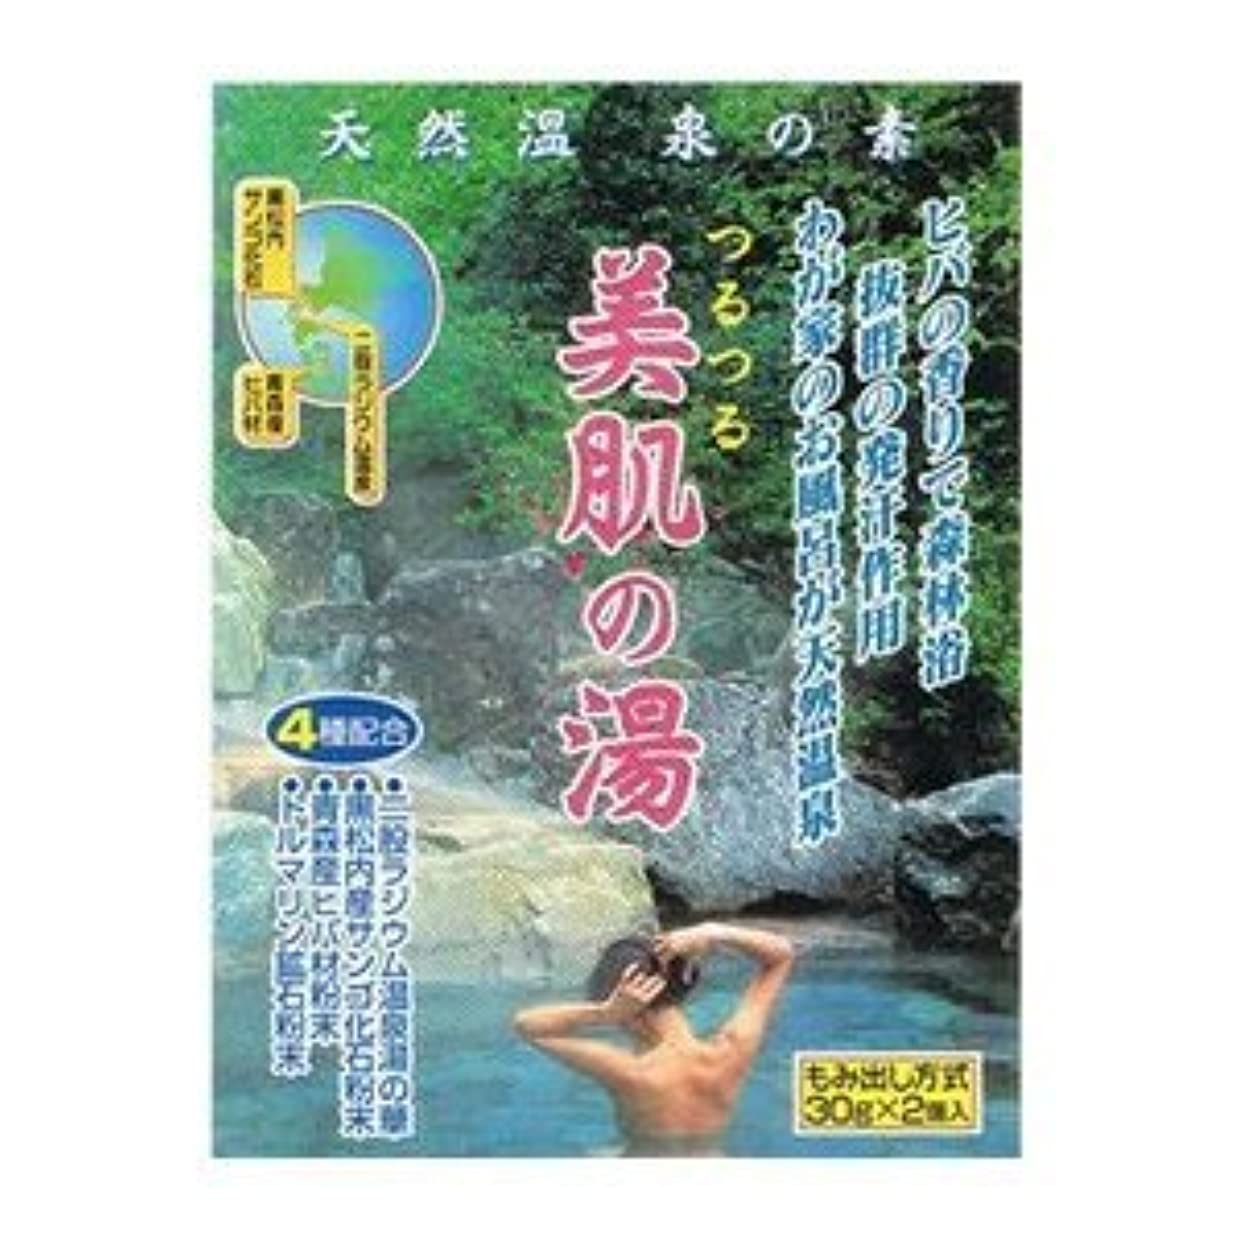 予定批判的に目的天然温泉の素 美肌の湯 (30g×2個入)×12袋セット